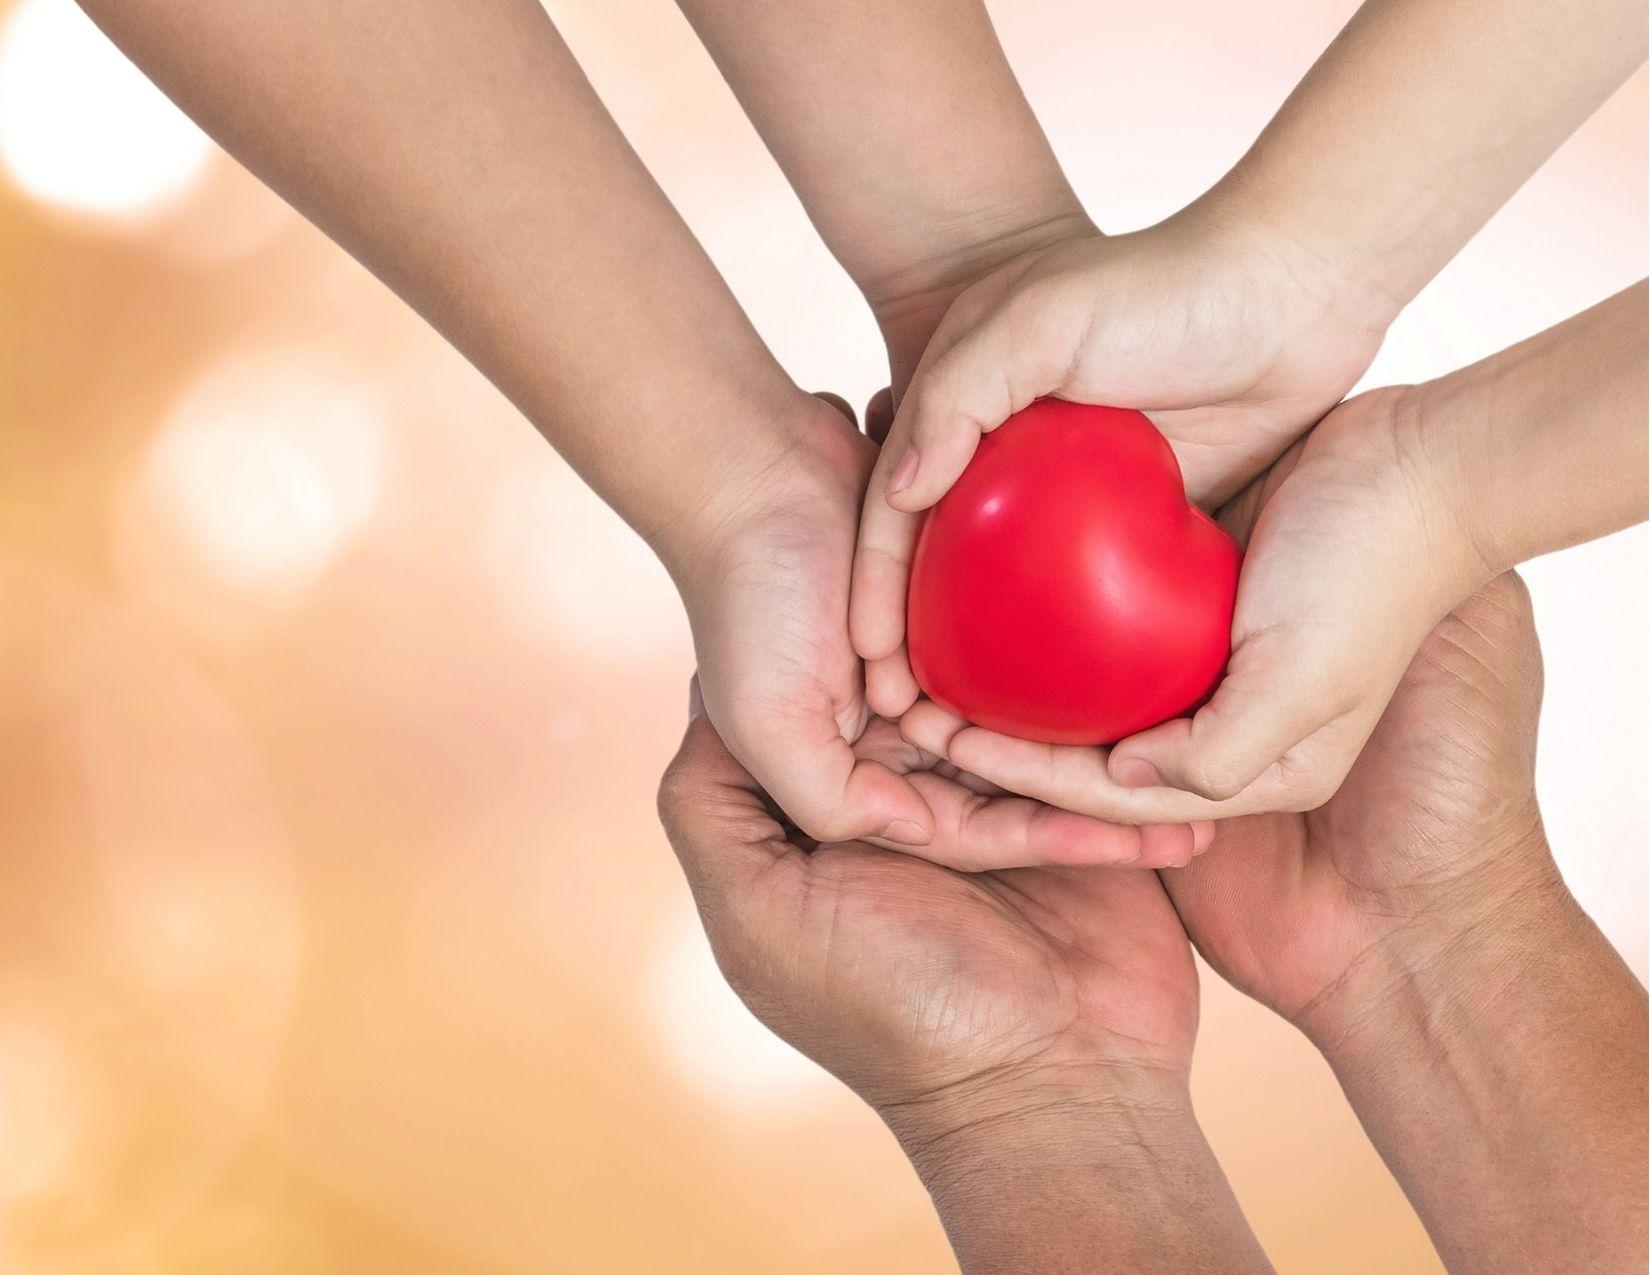 Социальная реклама о посмертном донорстве в России